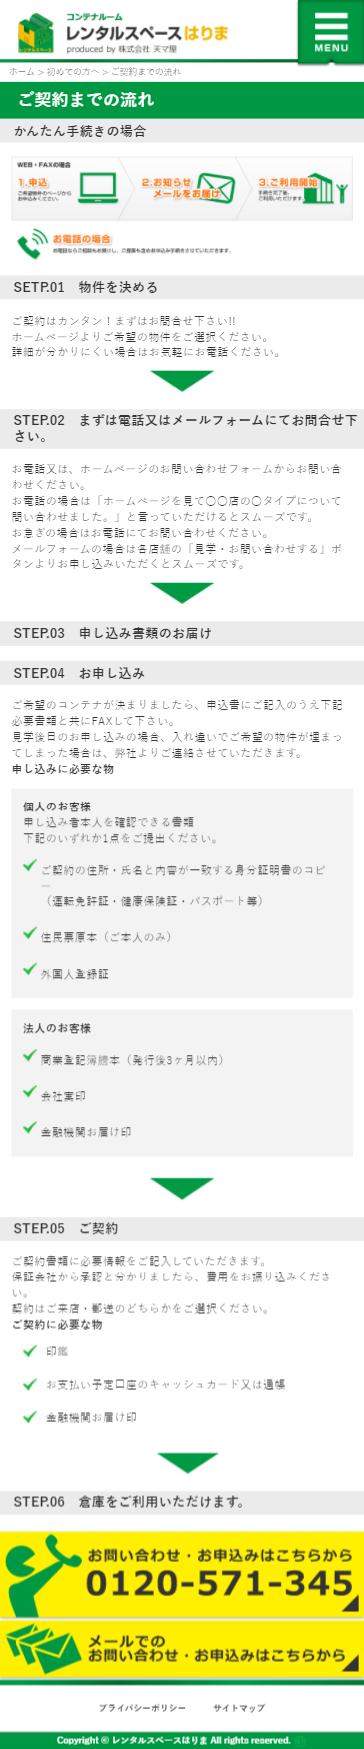 姫路市 レンタルスペースはりま様 ホームページ制作4